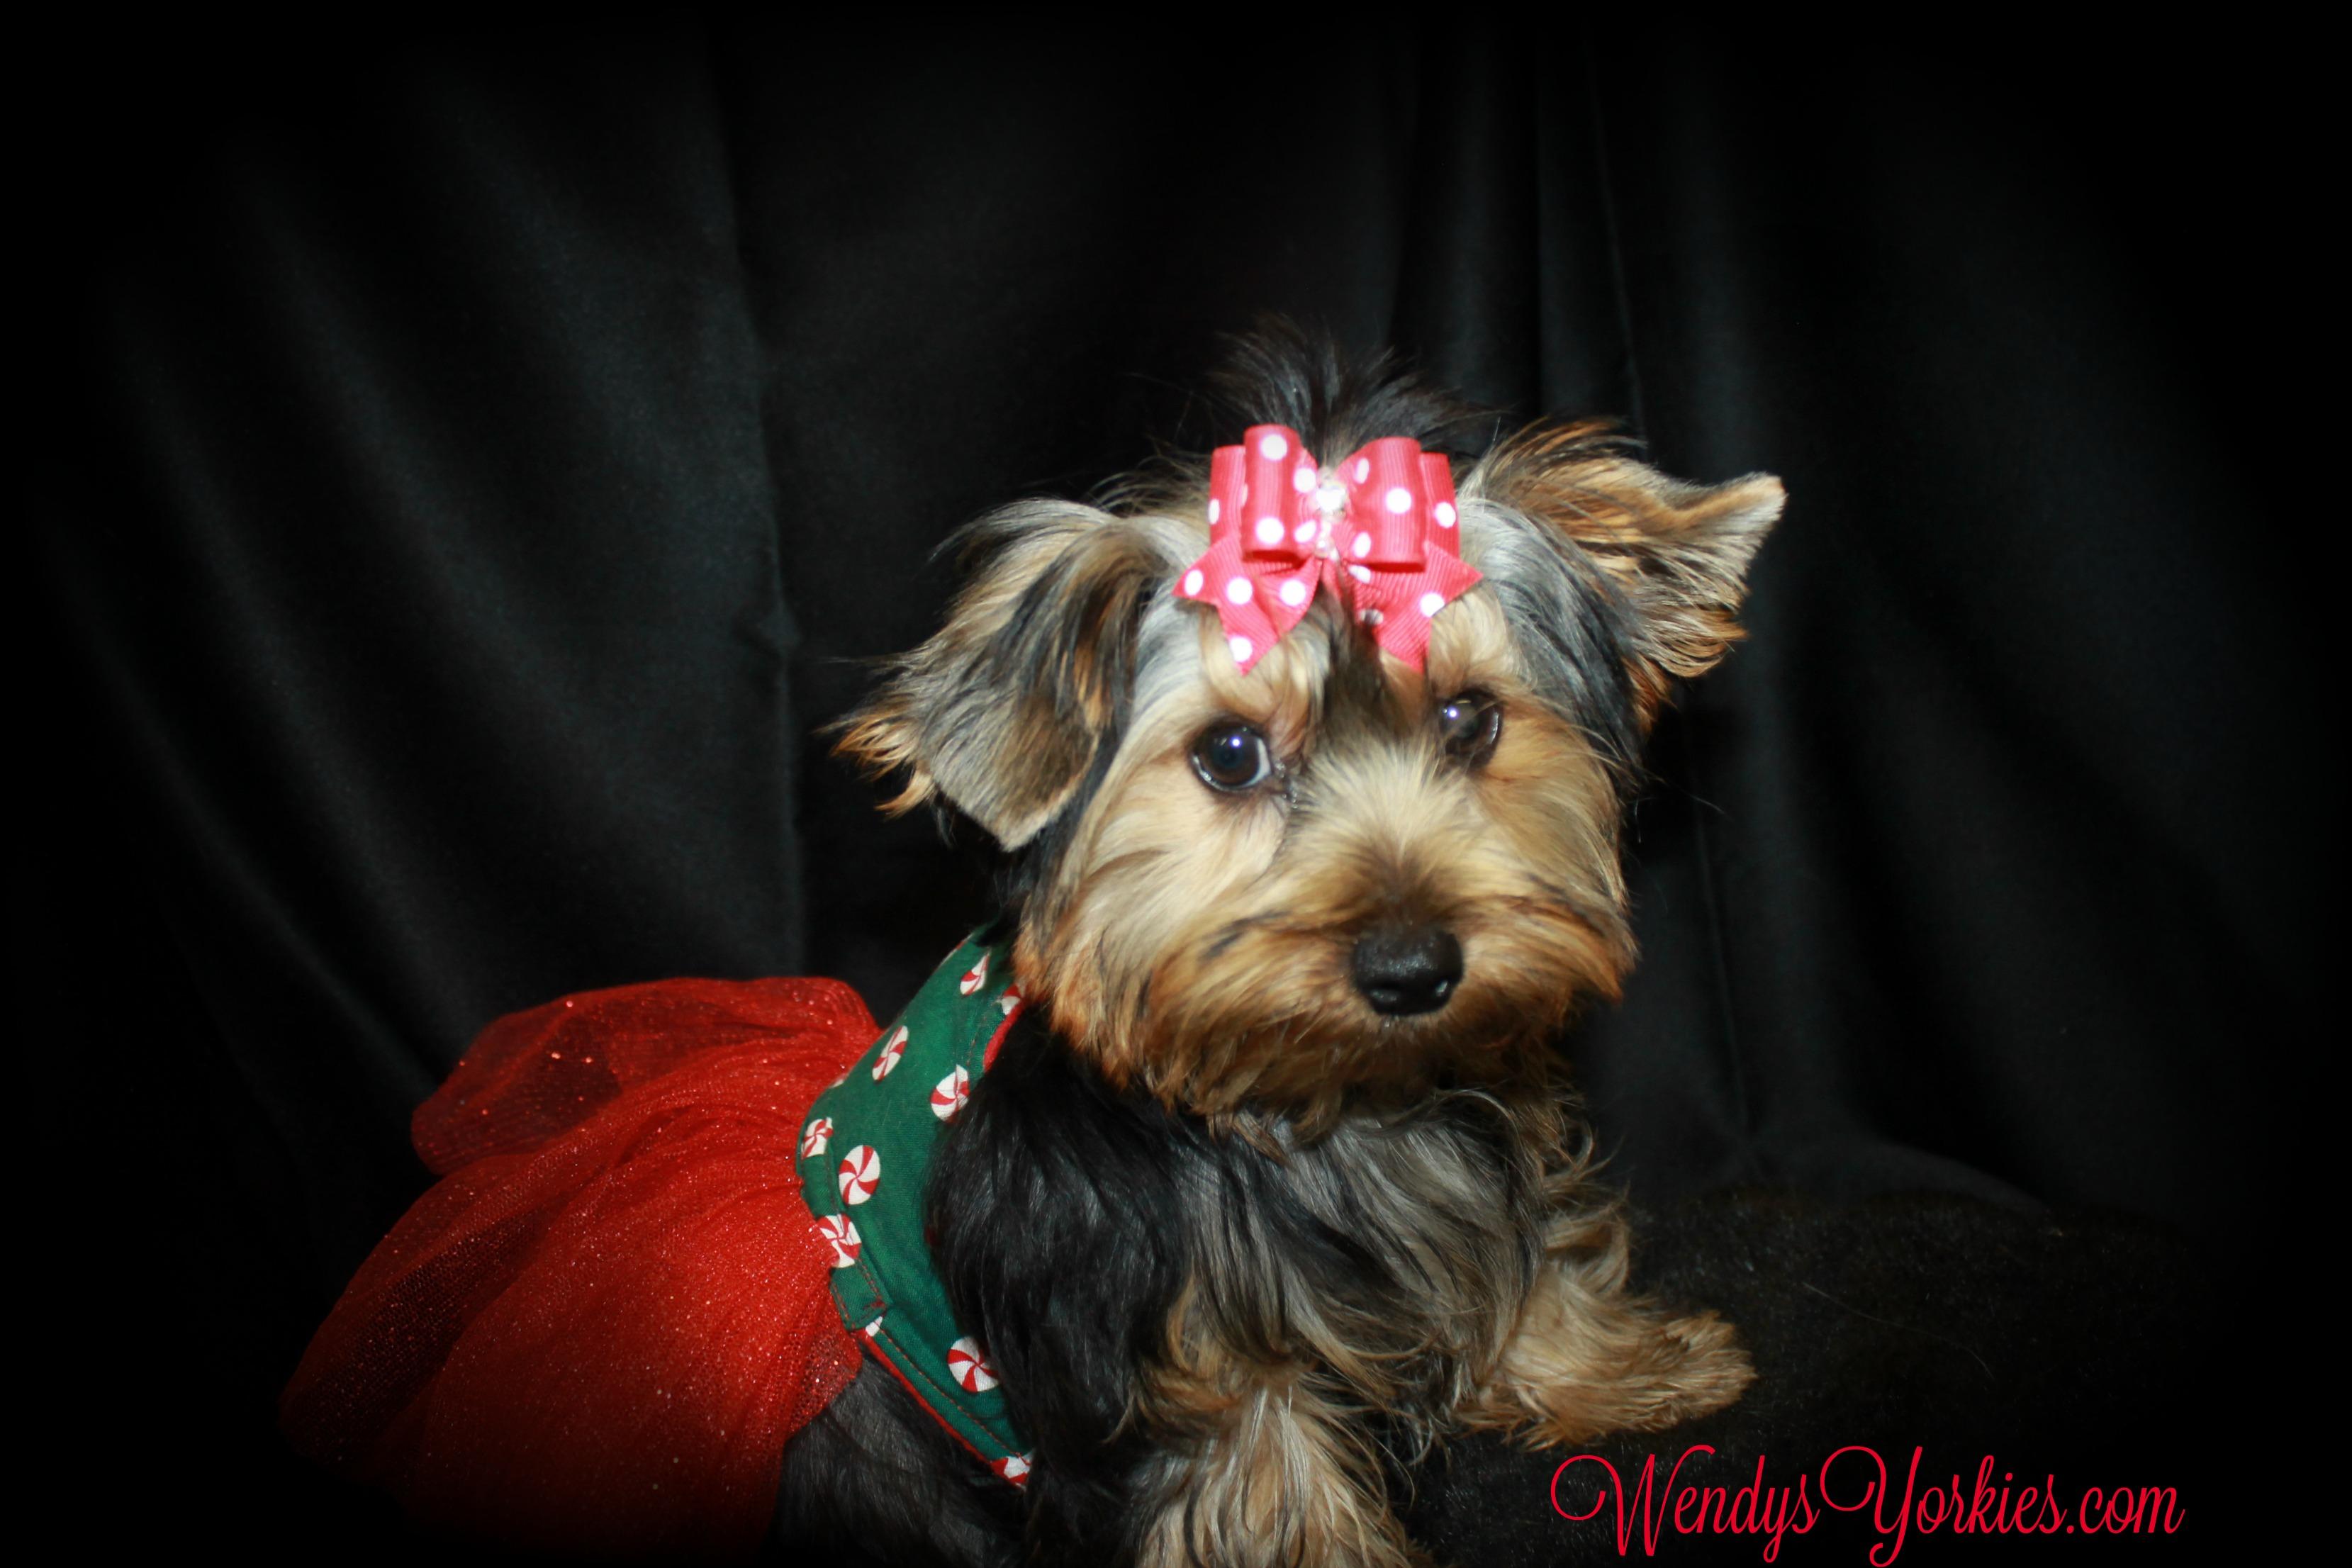 Yorkies puppies for sale, WendysYorkies, Stars Chloe